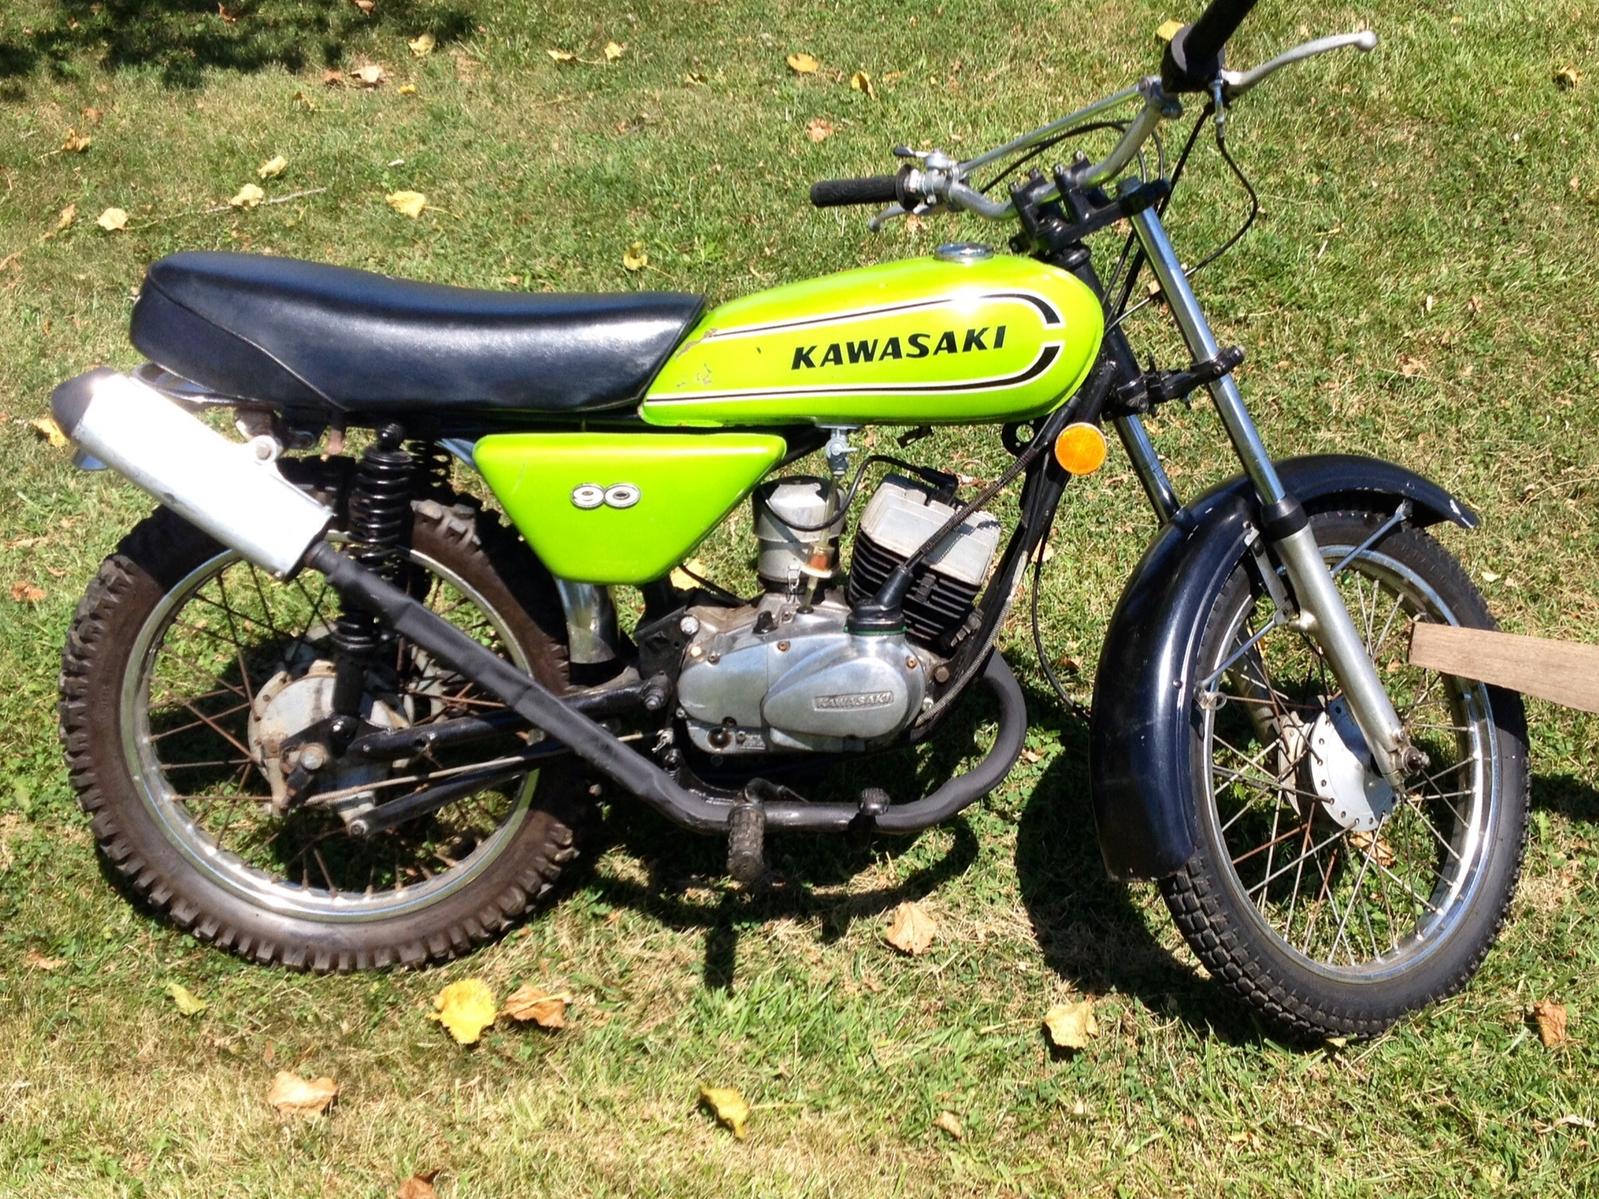 Kawasaki 90 G3ss Specs South Bay Riders